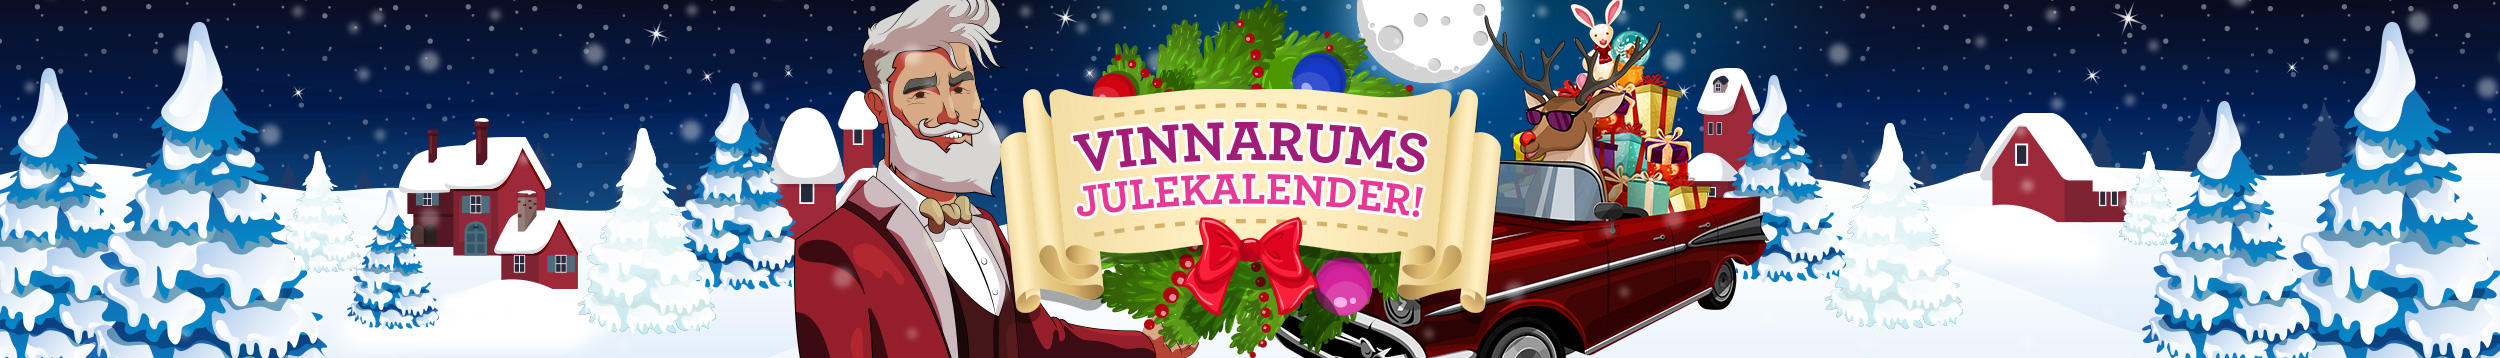 Vinnarums julekalender